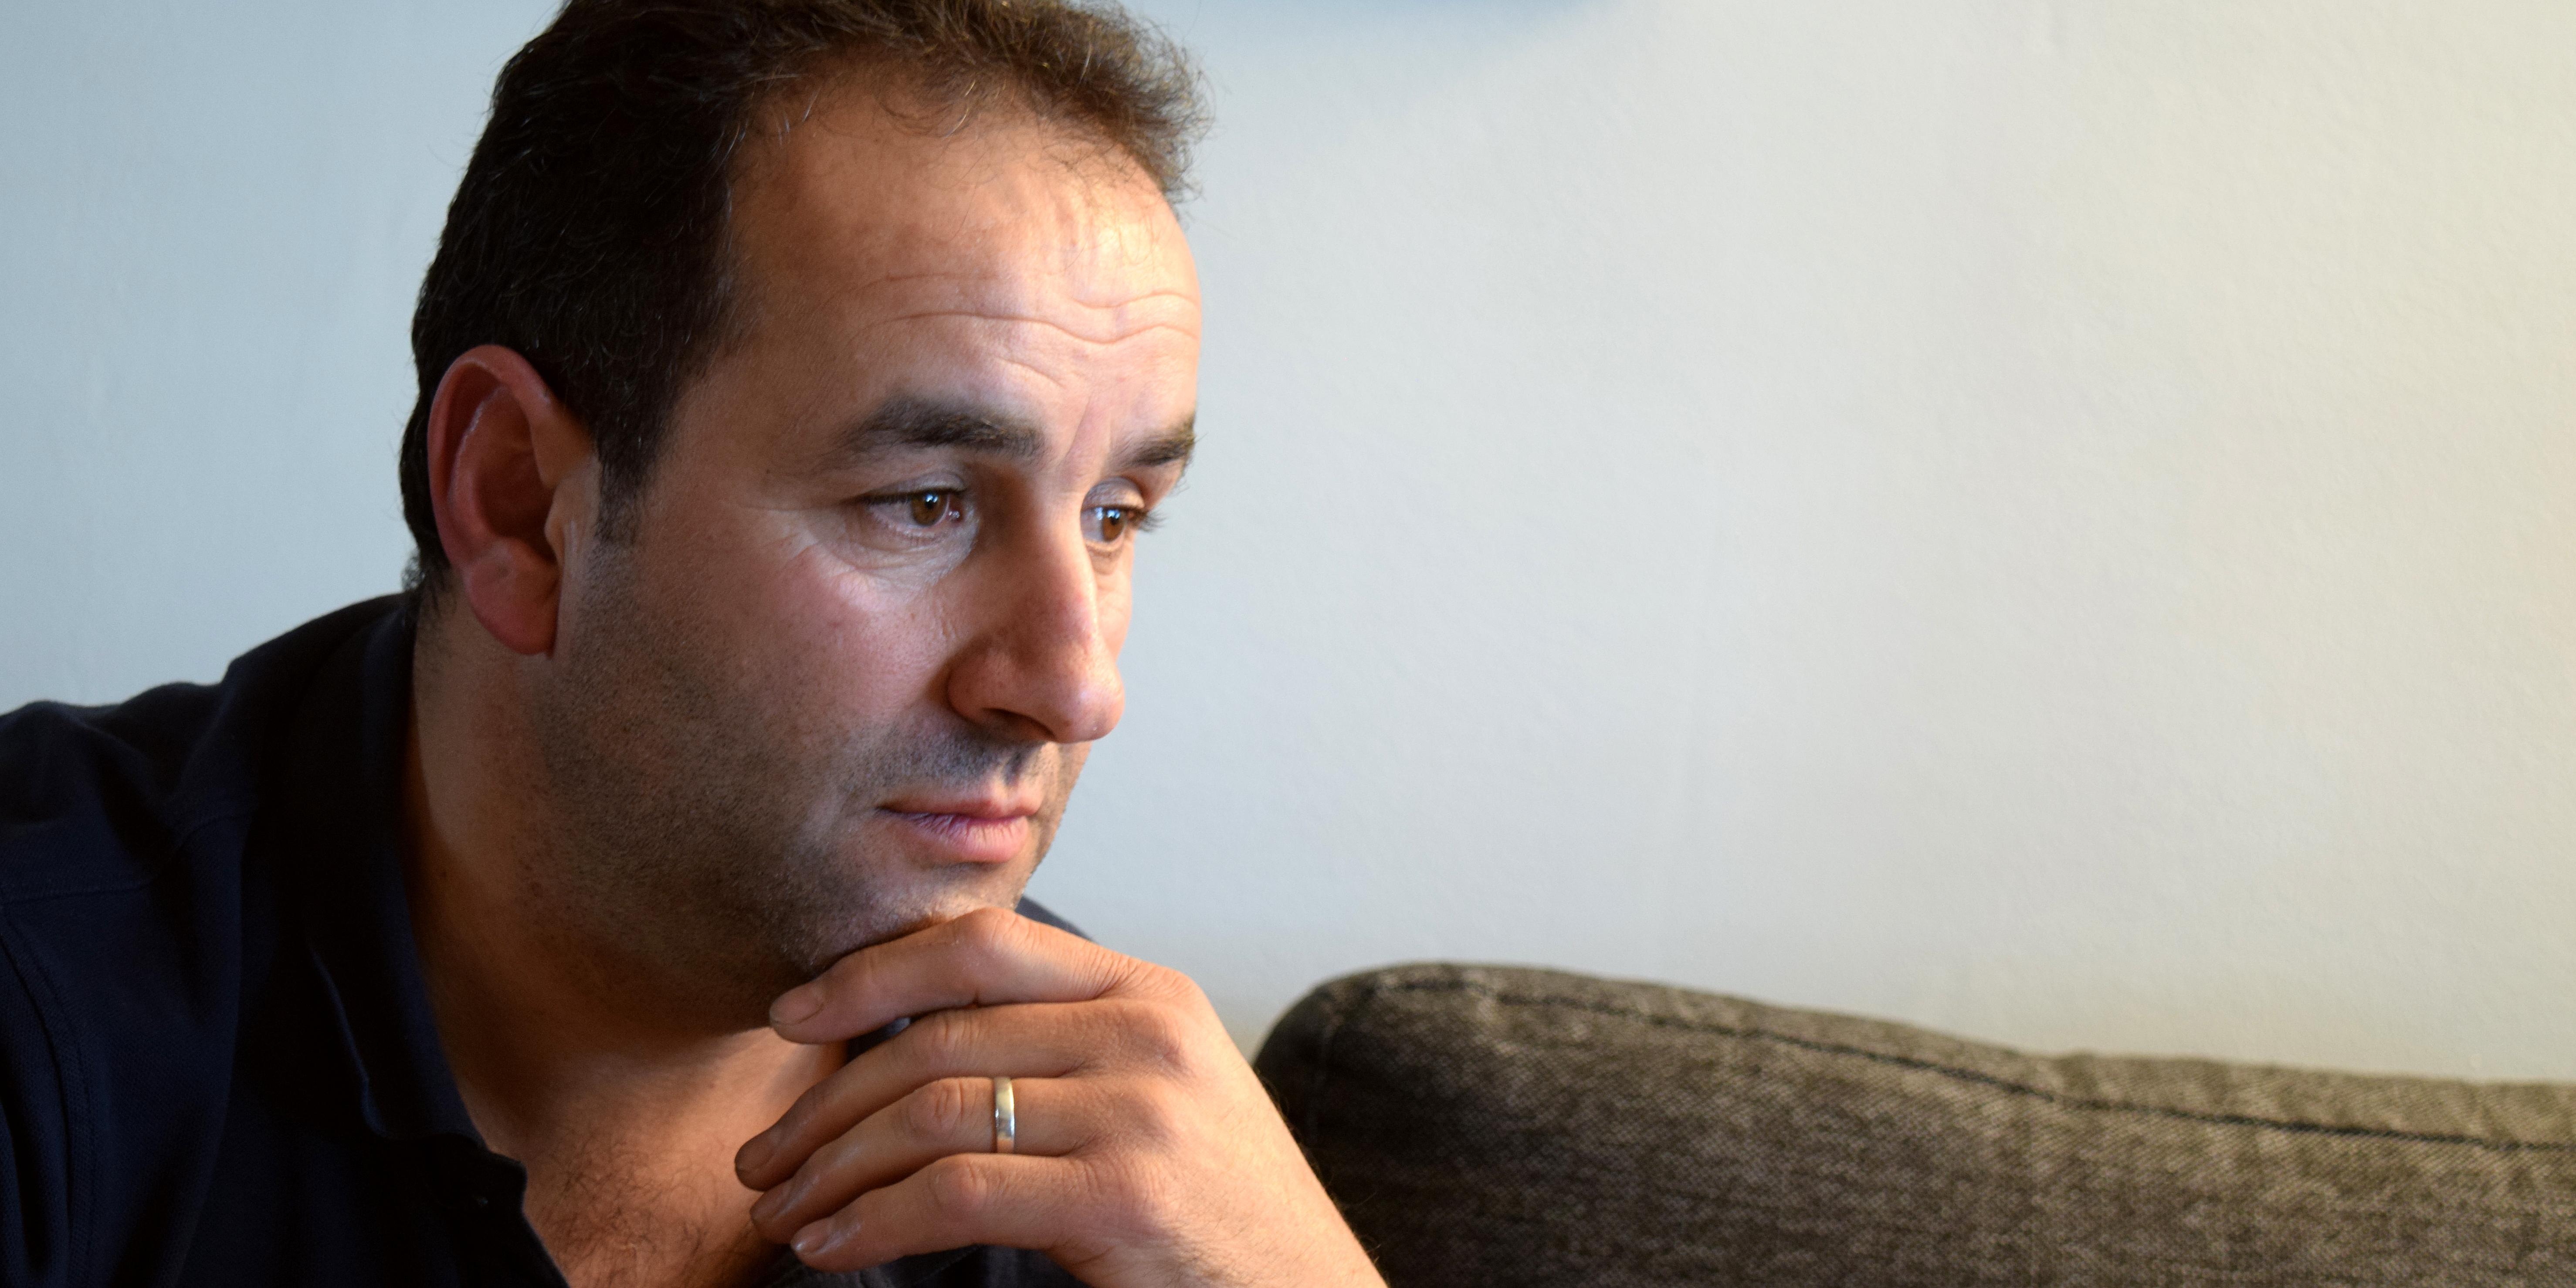 Imers familj får inte komma till Sverige – Migrationsverket misstänker skenäktenskap